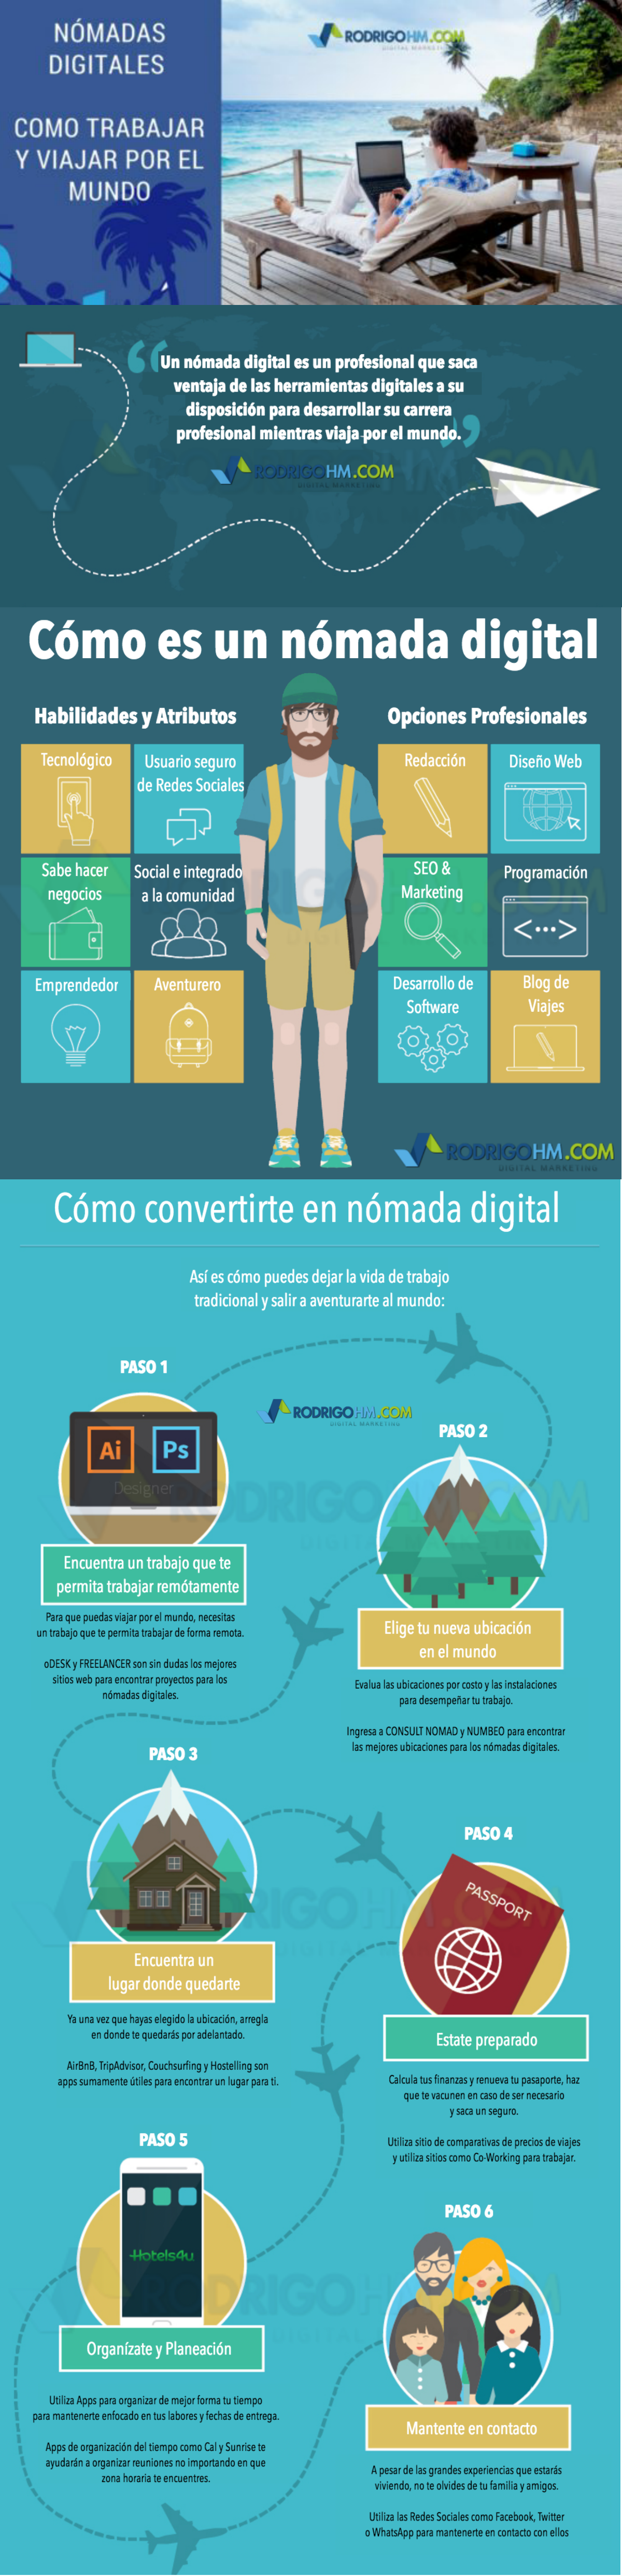 Qué es un Nómada Digital #infografia #infographic #rrhh